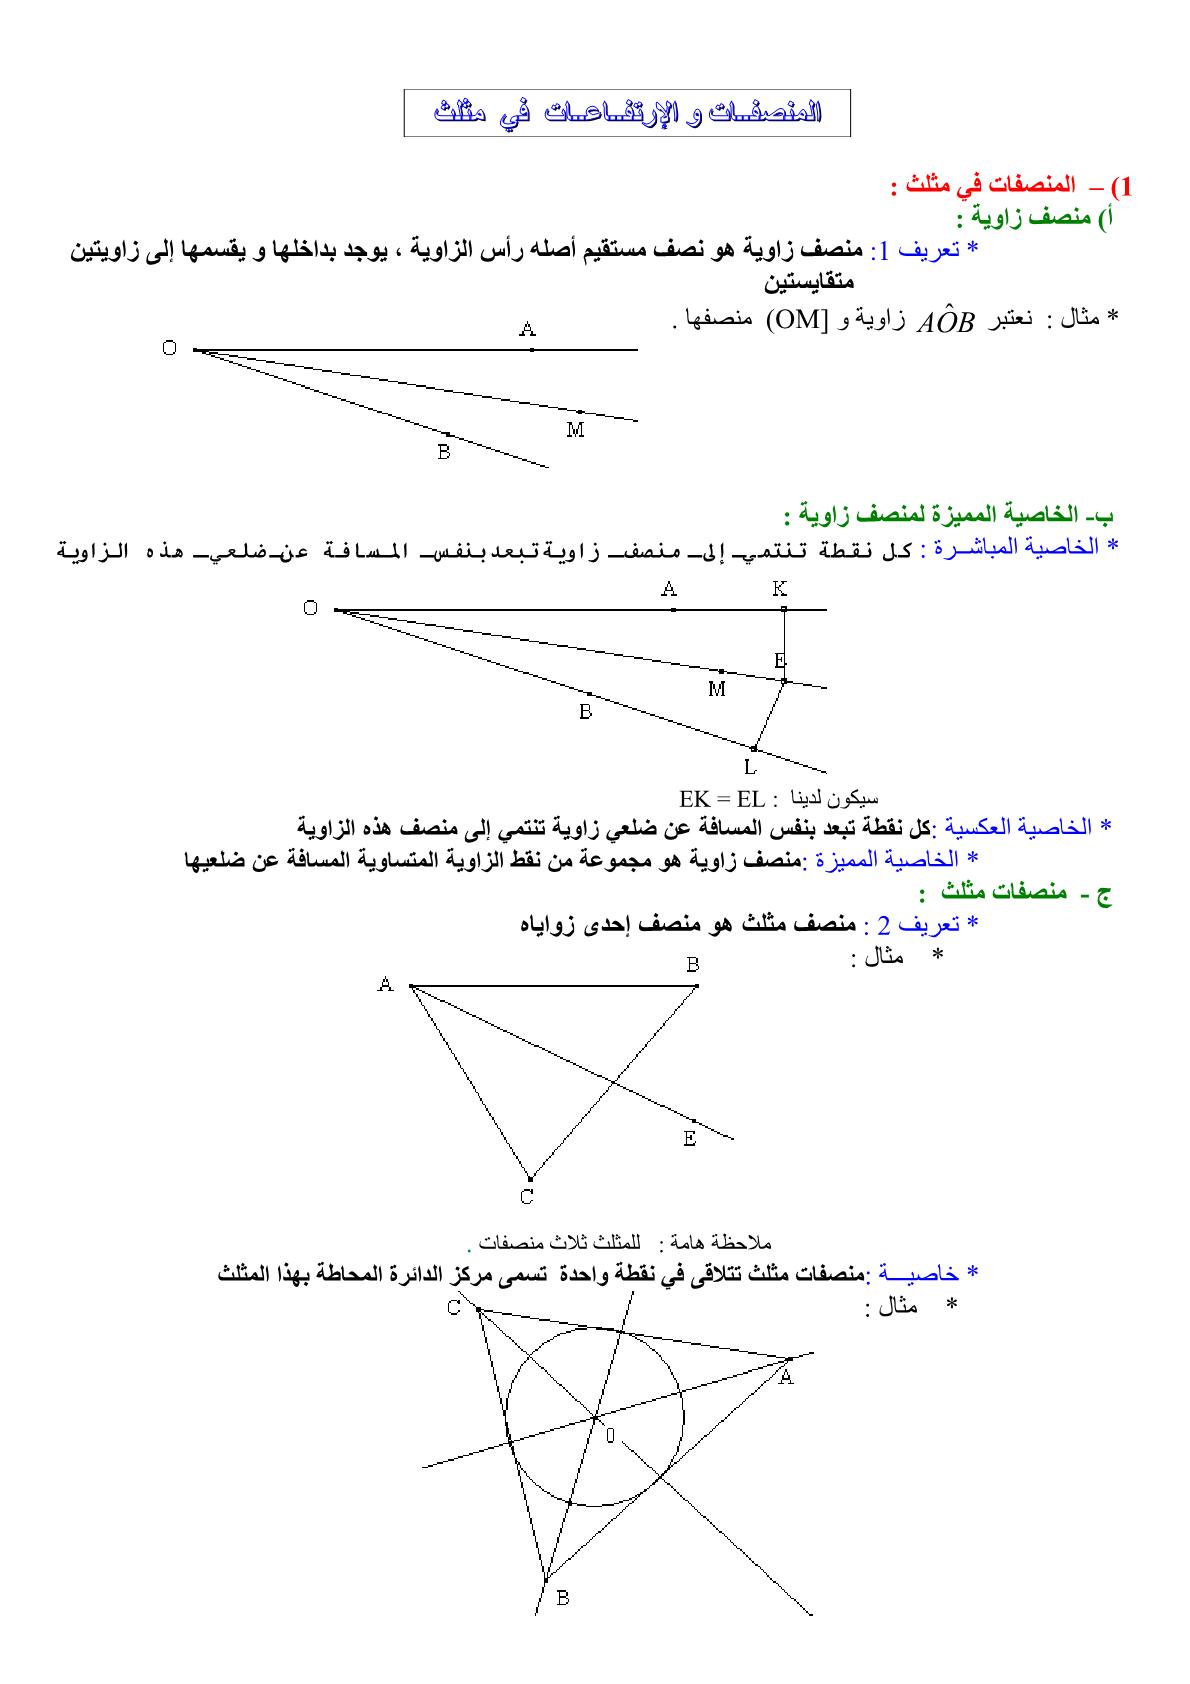 درس المنصفات والإرتفاعات في مثلث للسنة الأولى إعدادي